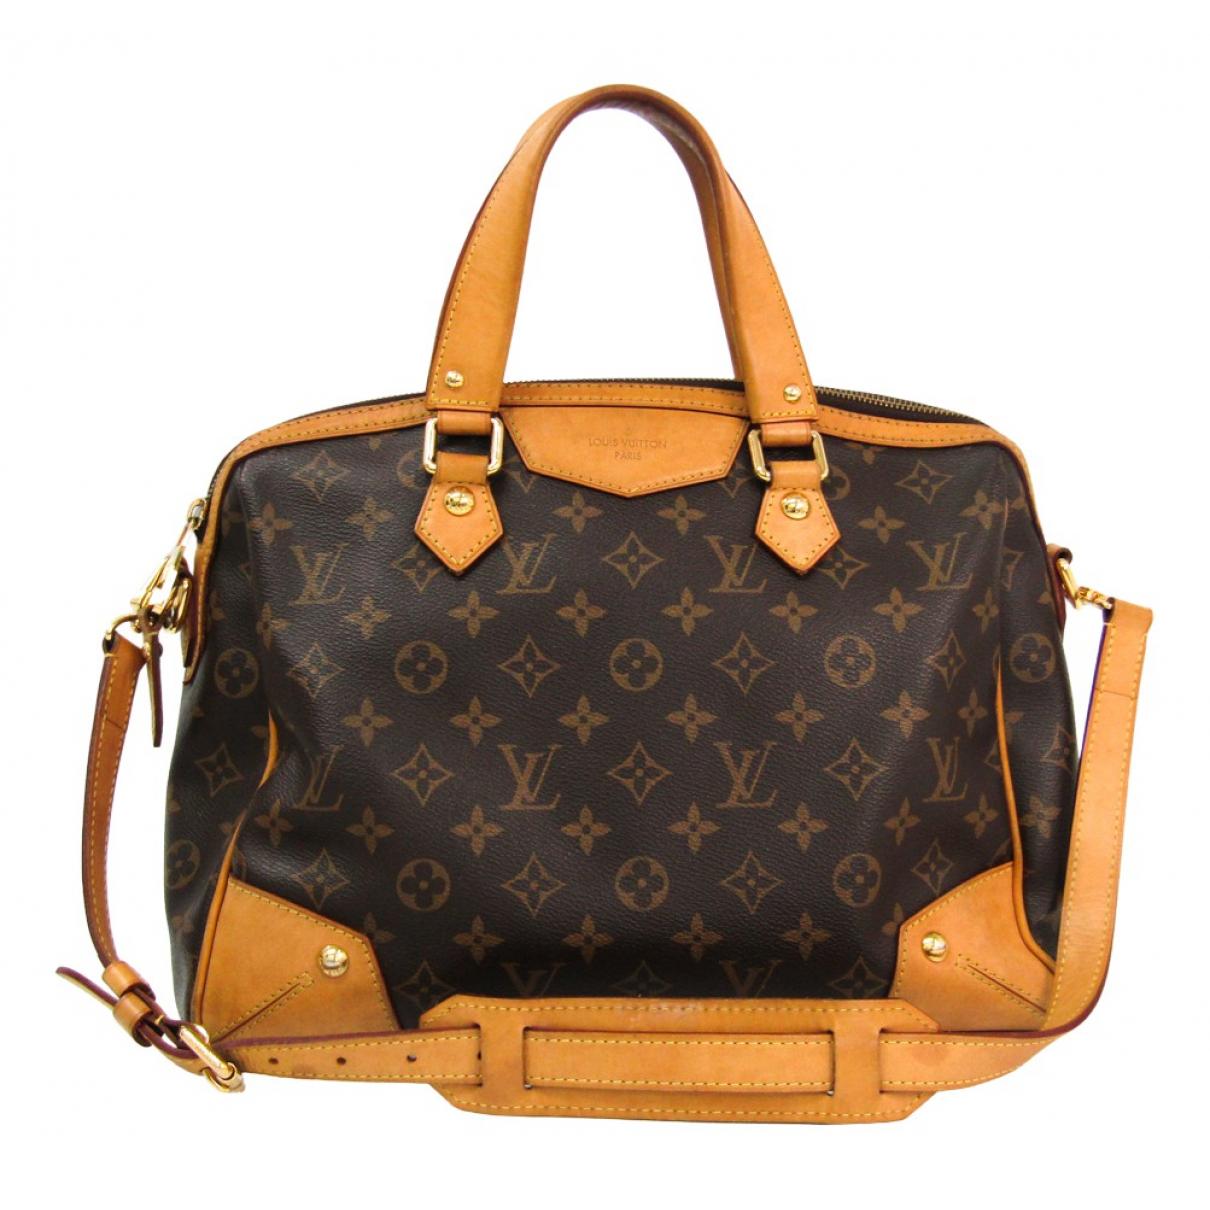 Louis Vuitton Estrela Brown Cloth handbag for Women N